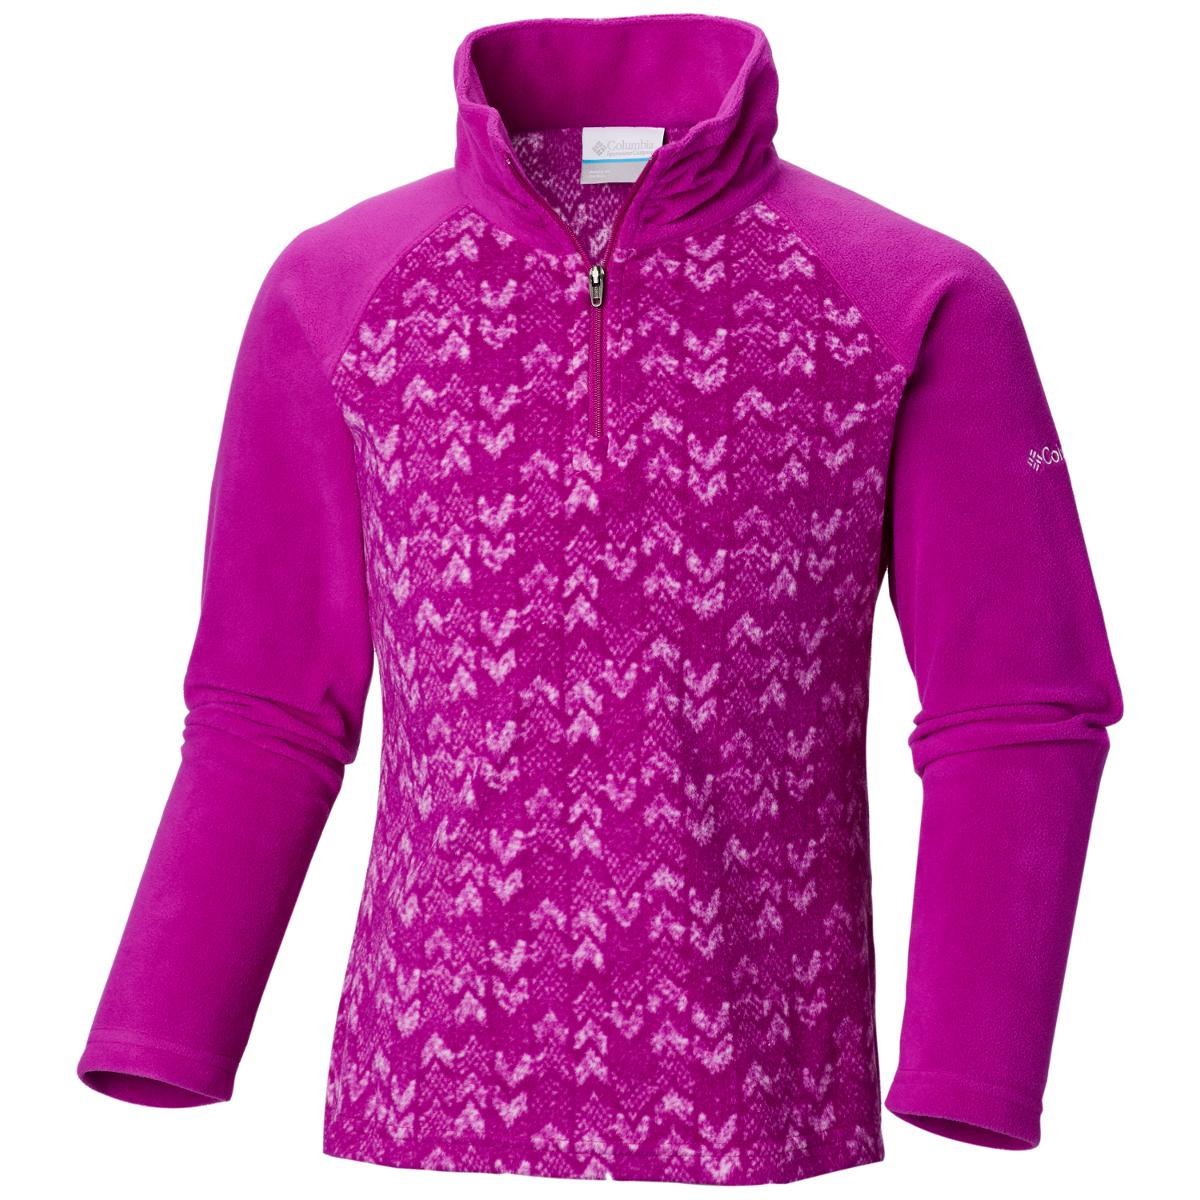 Columbia Girls' Glacial Ii Fleece Printed Half-Zip - Purple, L